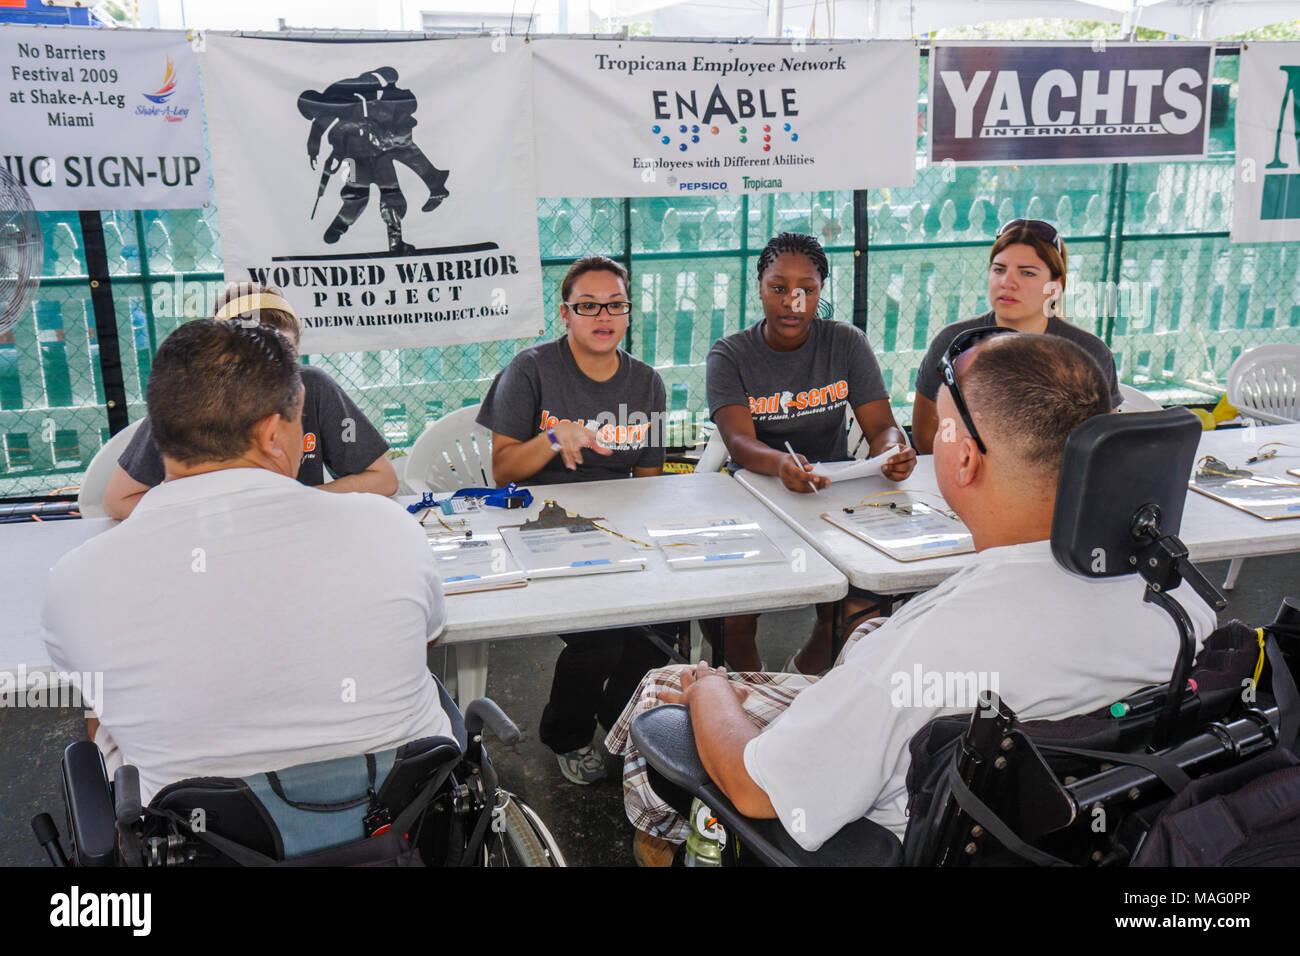 Floride, Floride, Sud, Miami, Coconut Grove, Shake a Leg Miami, No Barriers Festival, handicapés besoins spéciaux, handicap physique, fauteuil roulant Banque D'Images